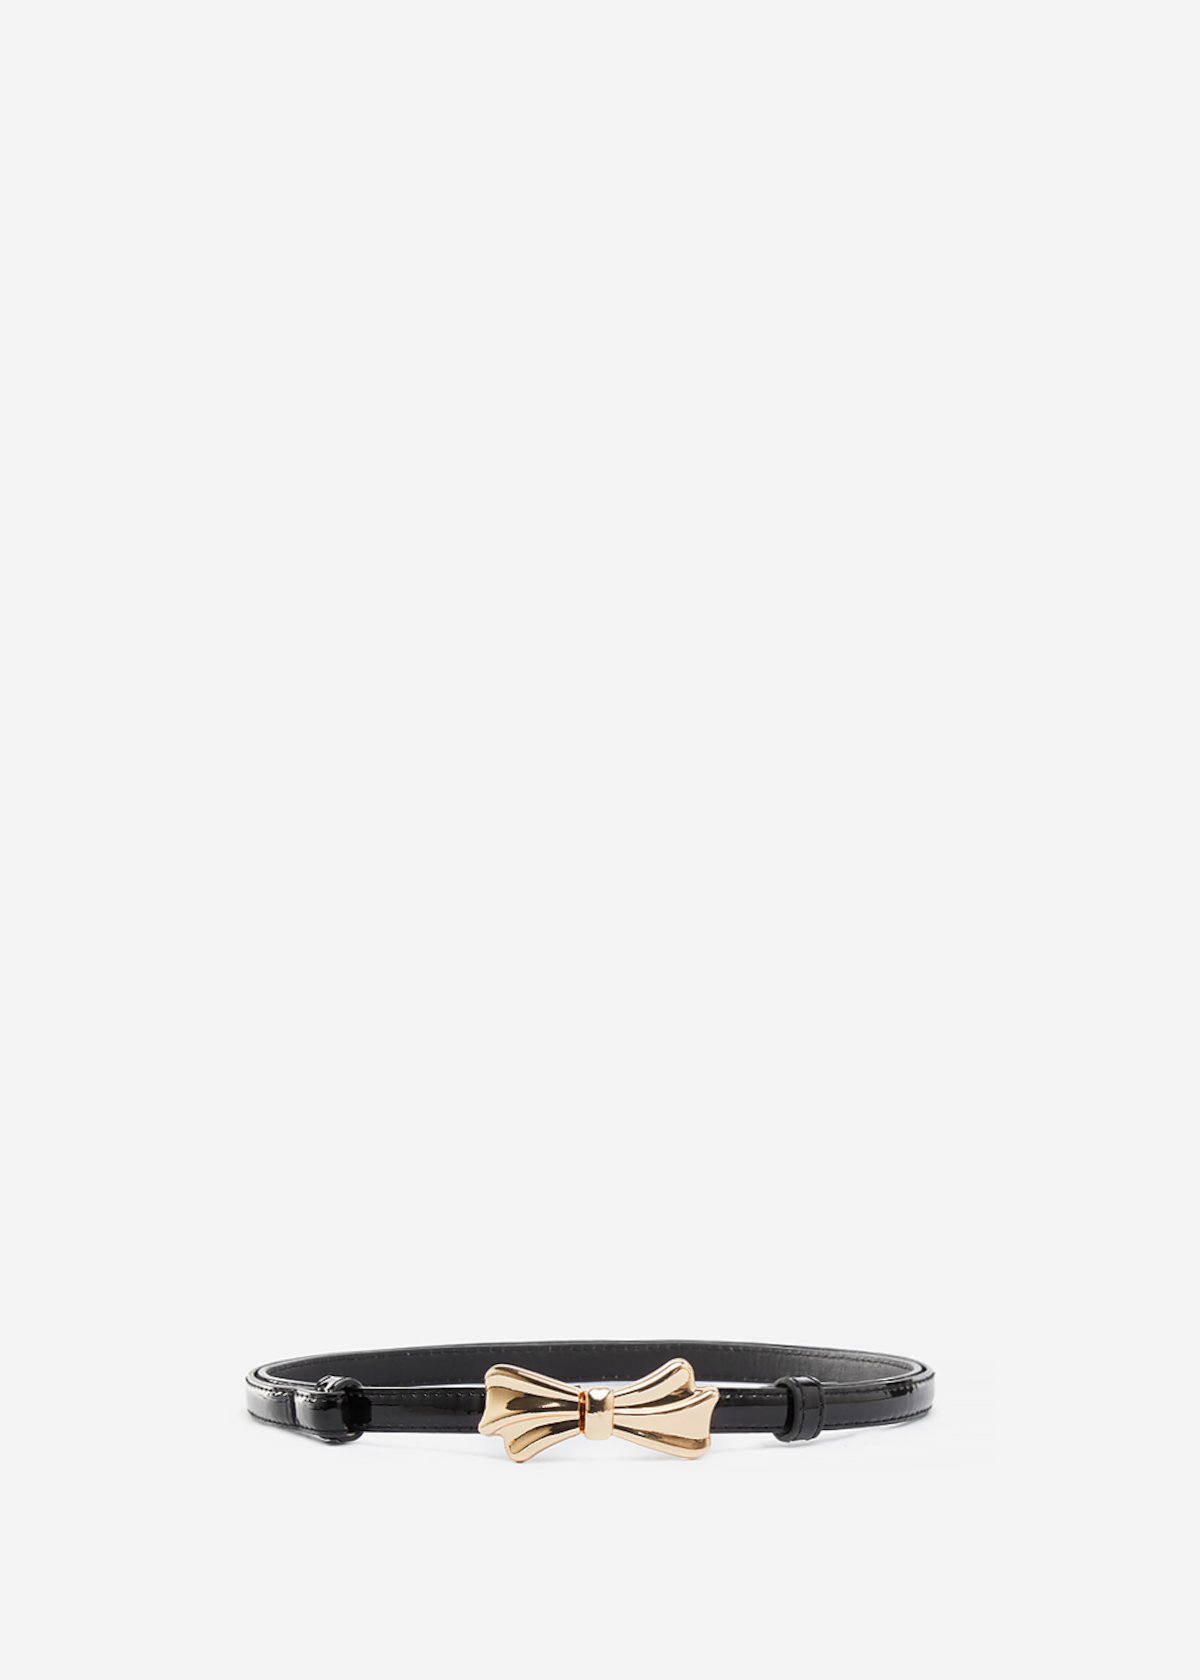 Cintura Chicco in ecopelle con fiocco light-gold - Black